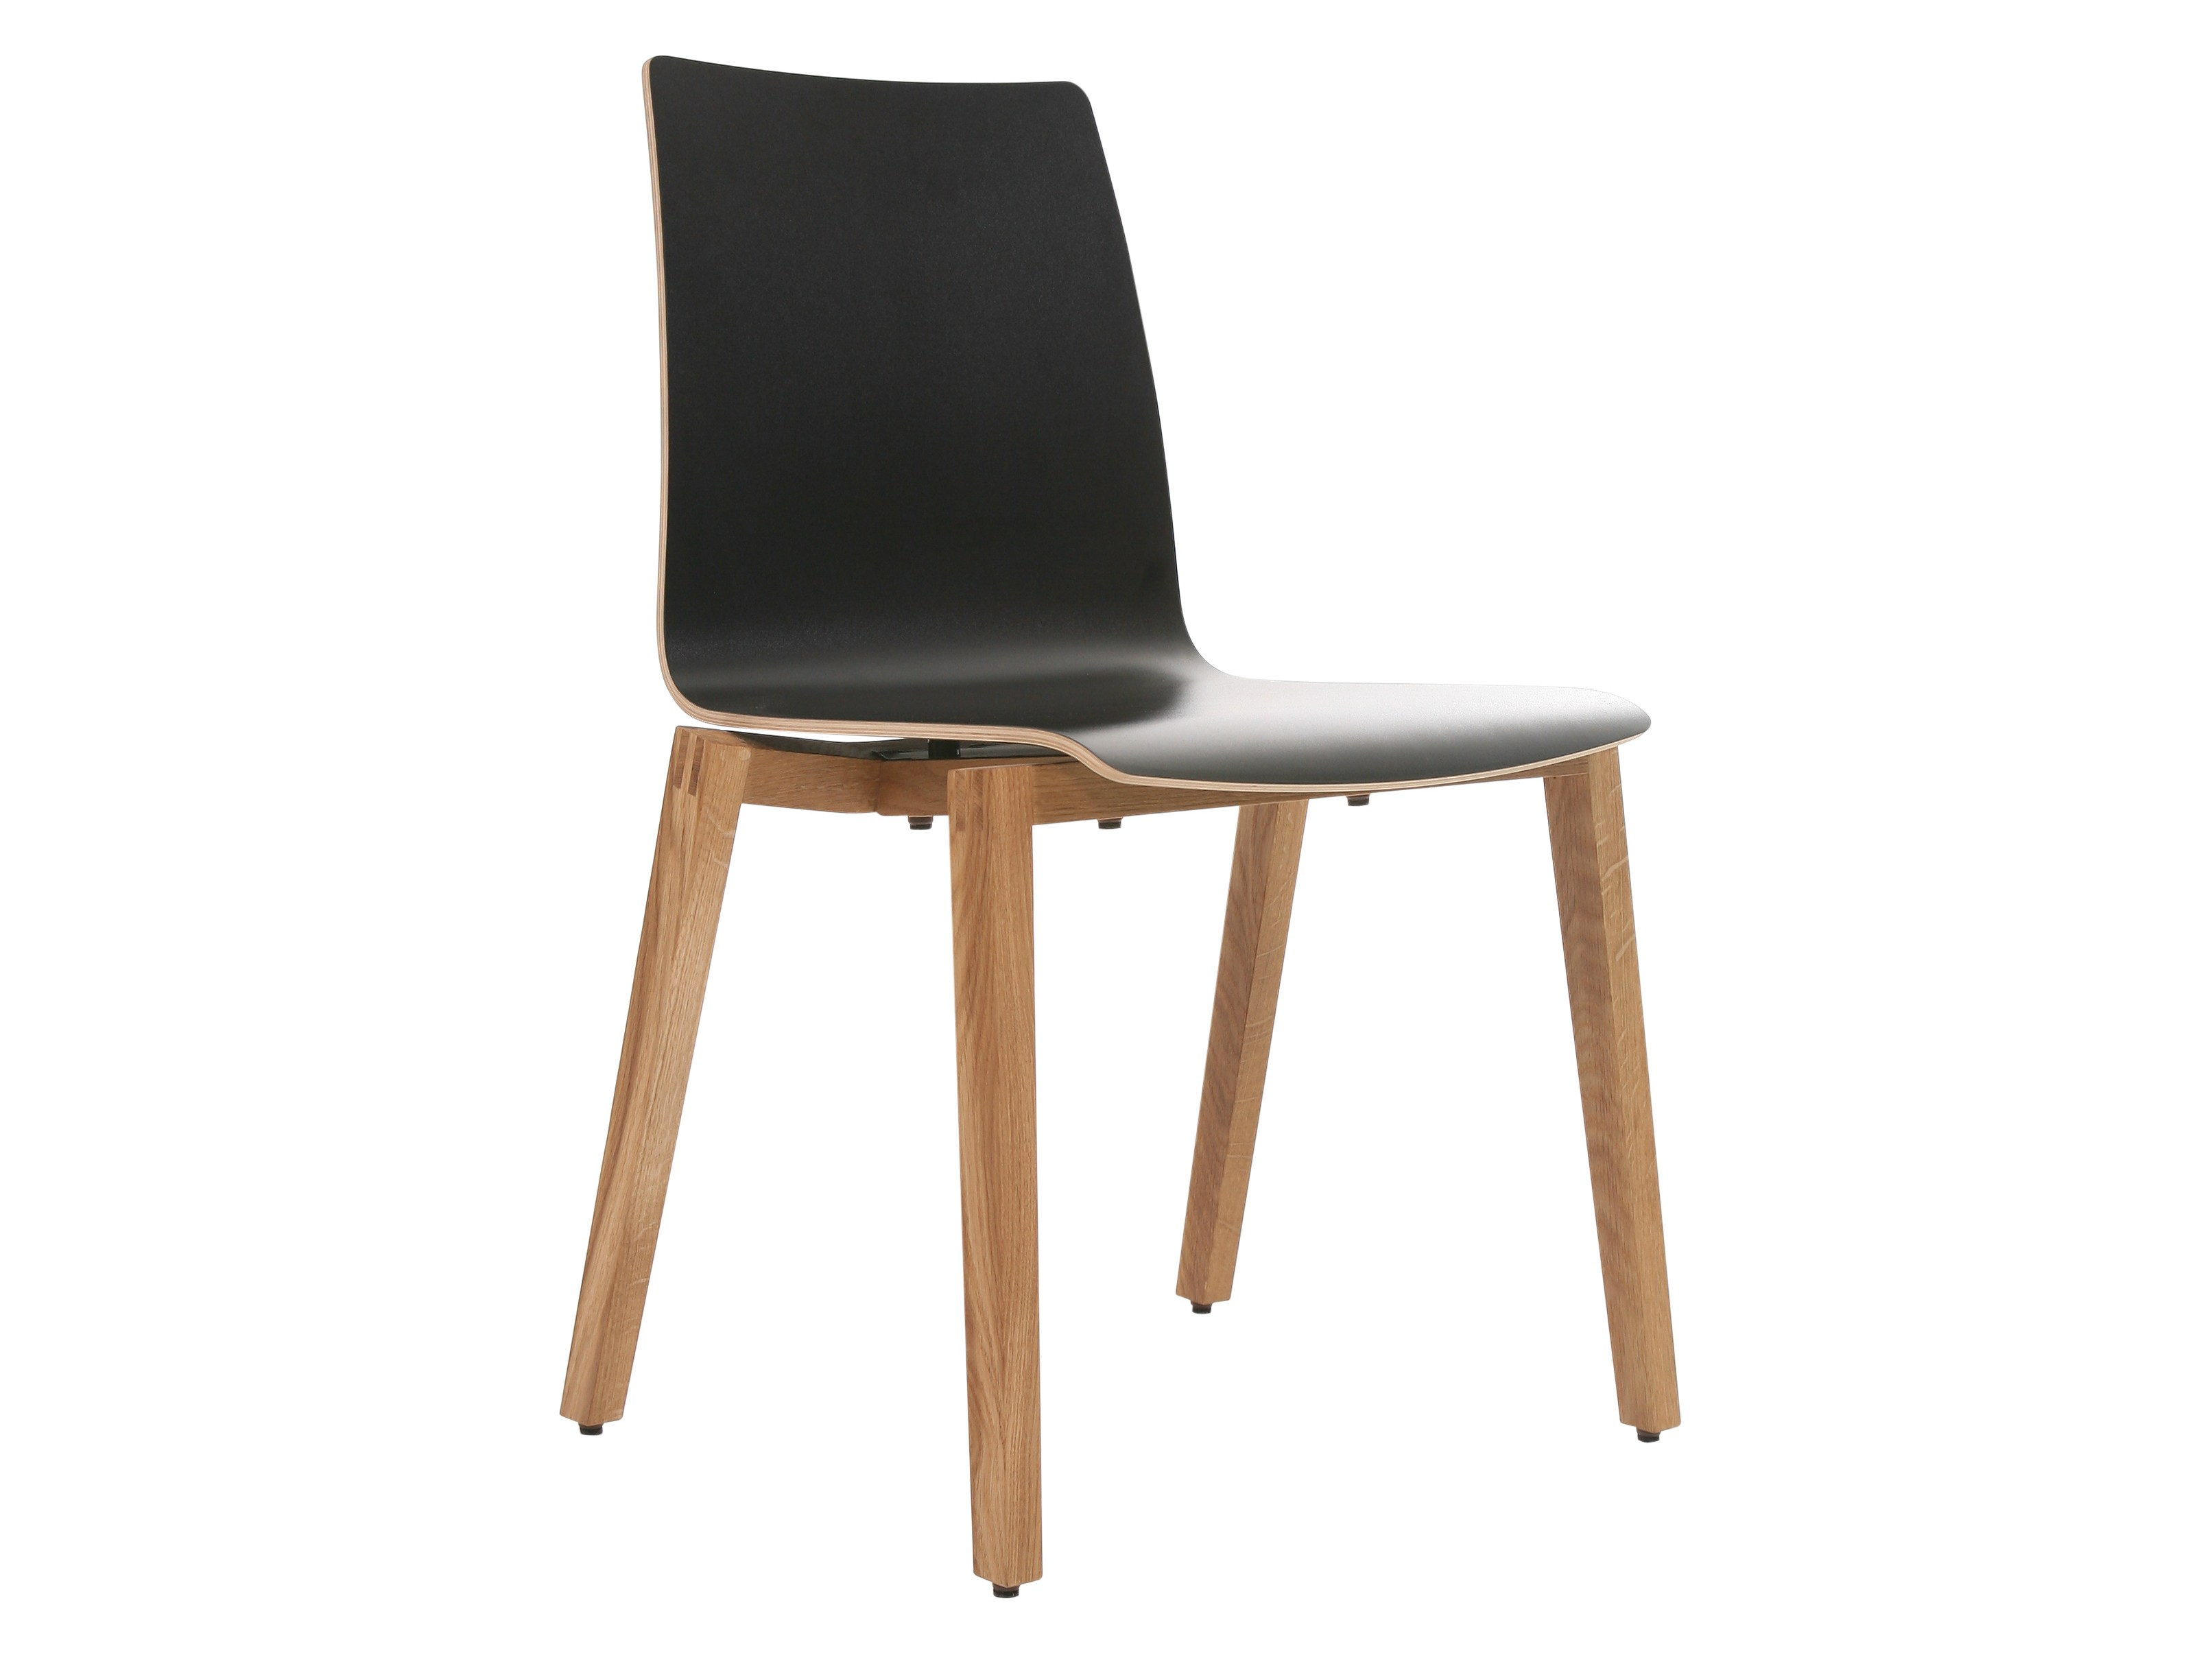 alec stackable chair by kff design detlef fischer. Black Bedroom Furniture Sets. Home Design Ideas